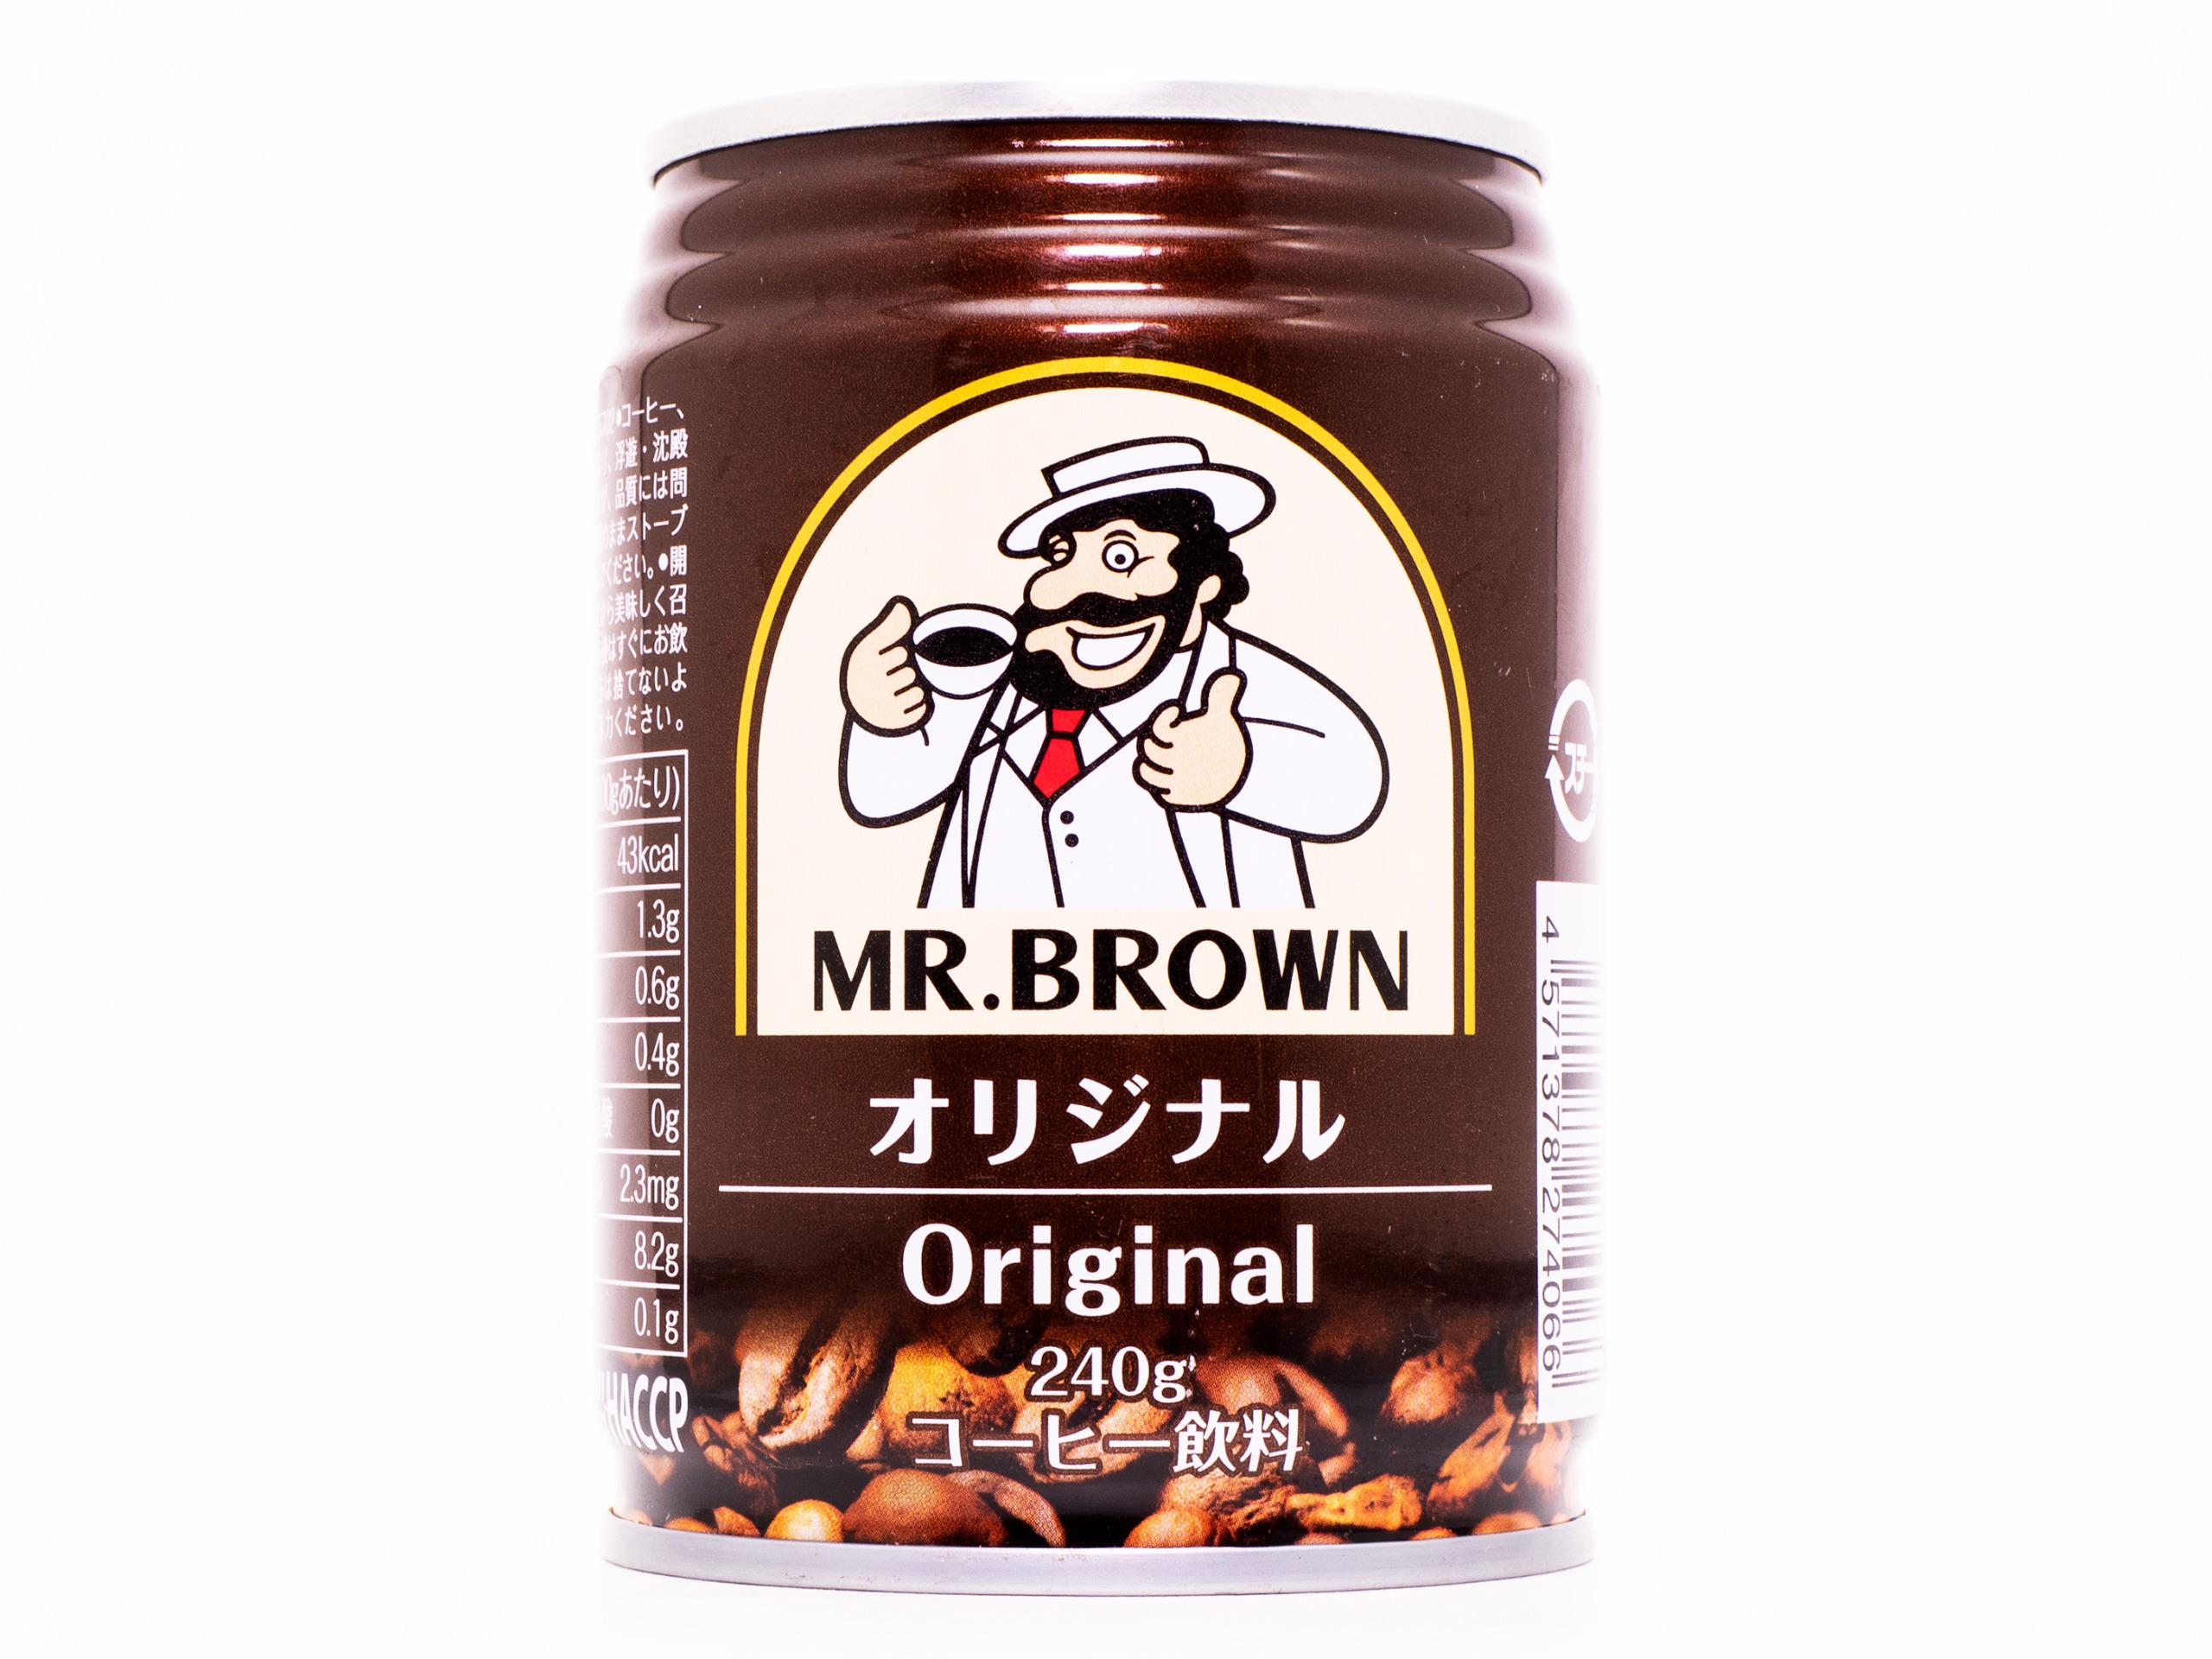 ミリオン MR.BROWN オリジナル